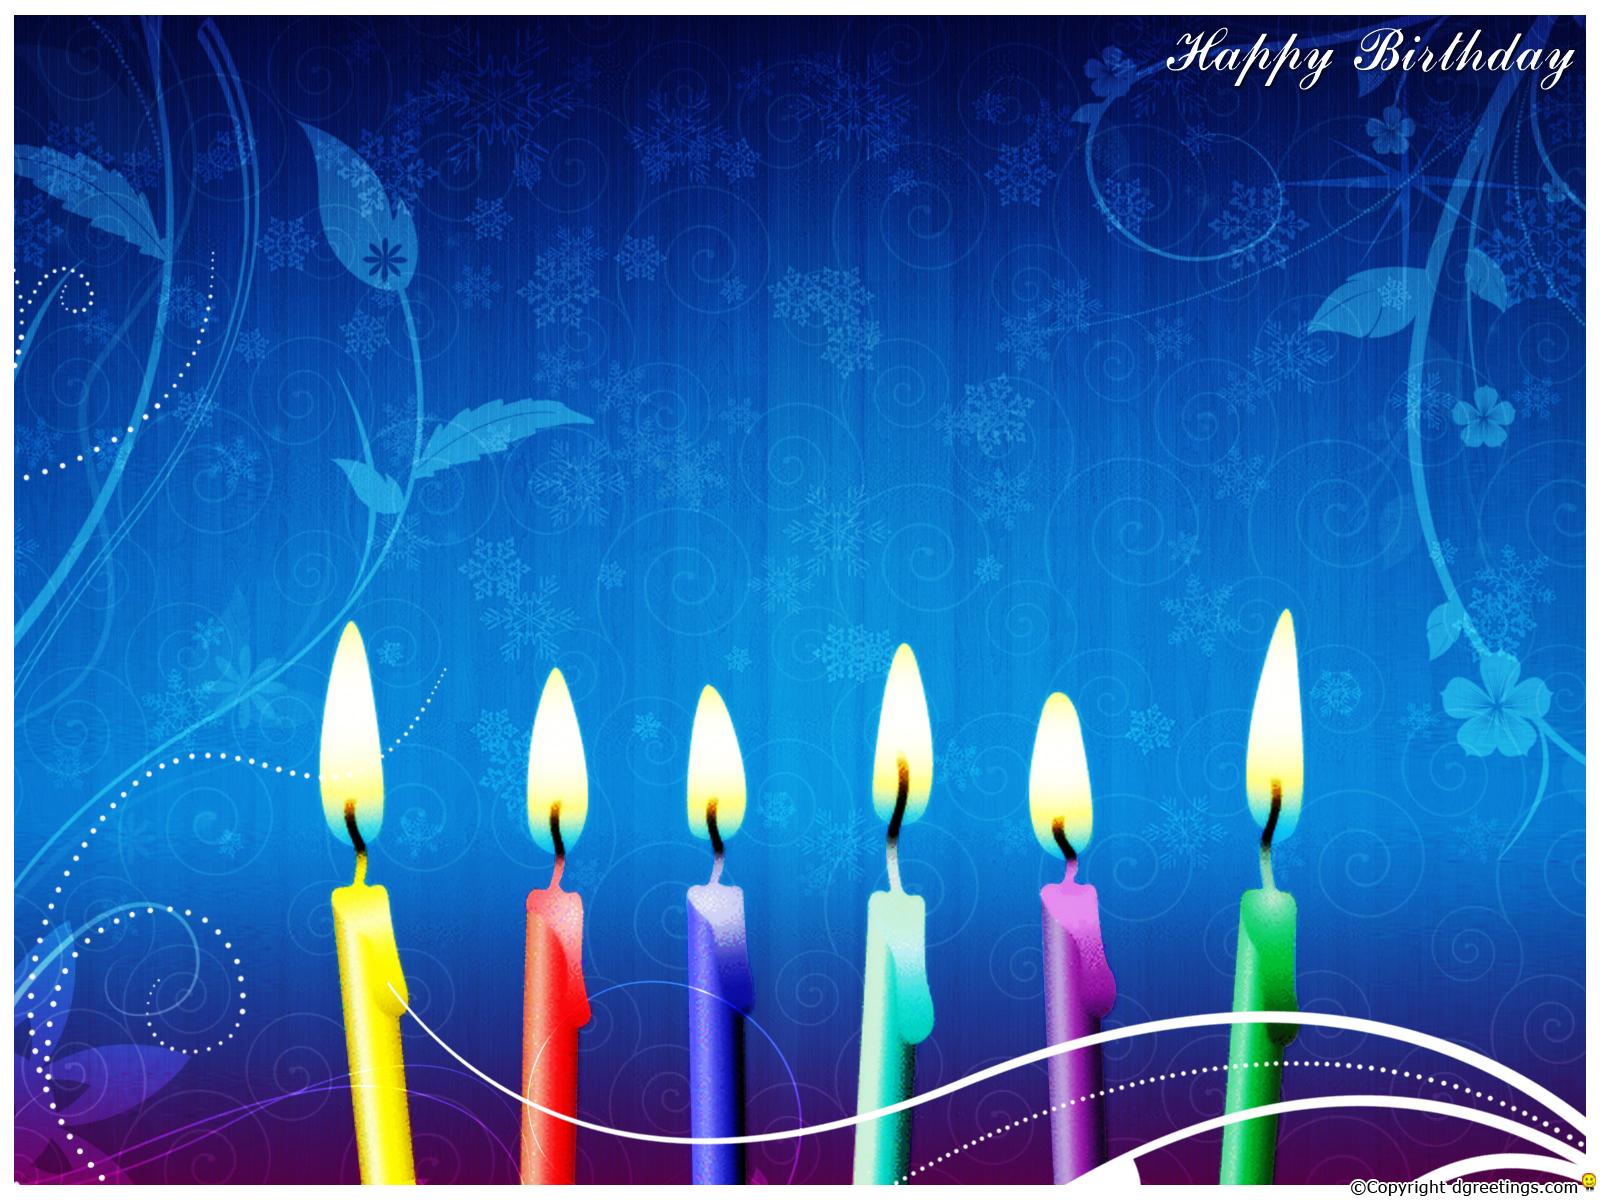 Фон картинка поздравление с днем рождения, открытки дню независимости